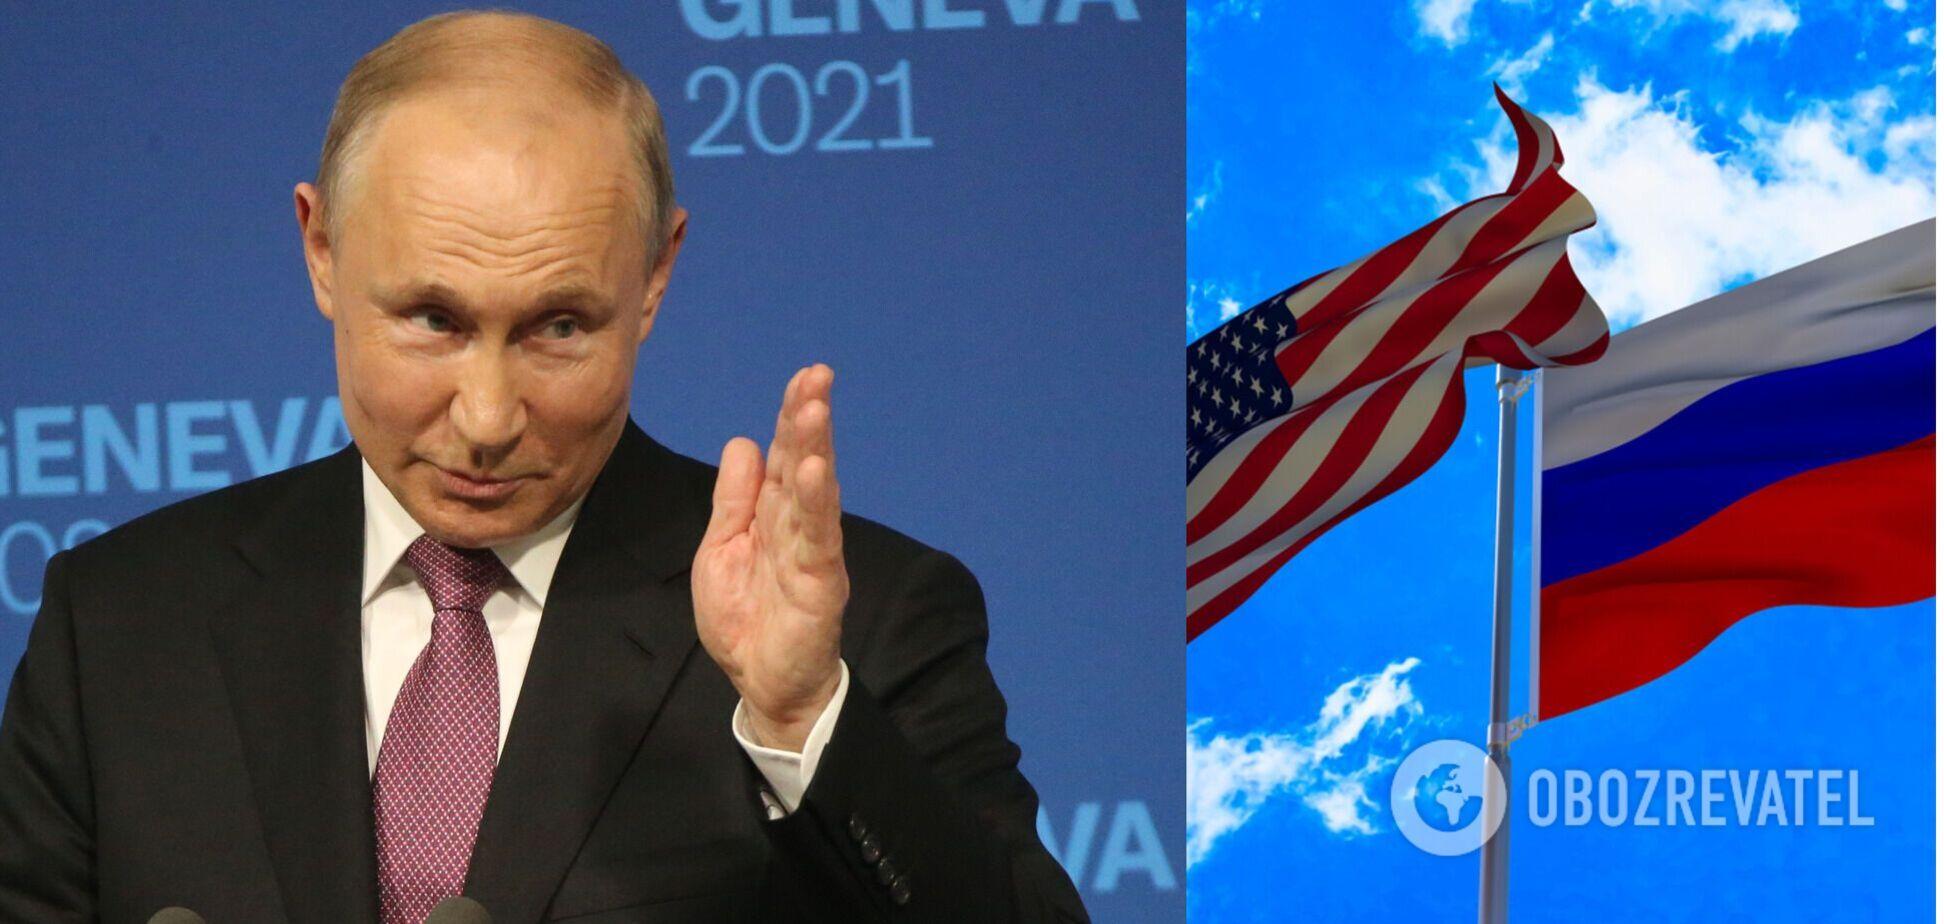 Как русские 'подкармливают' националистов и террористов в США